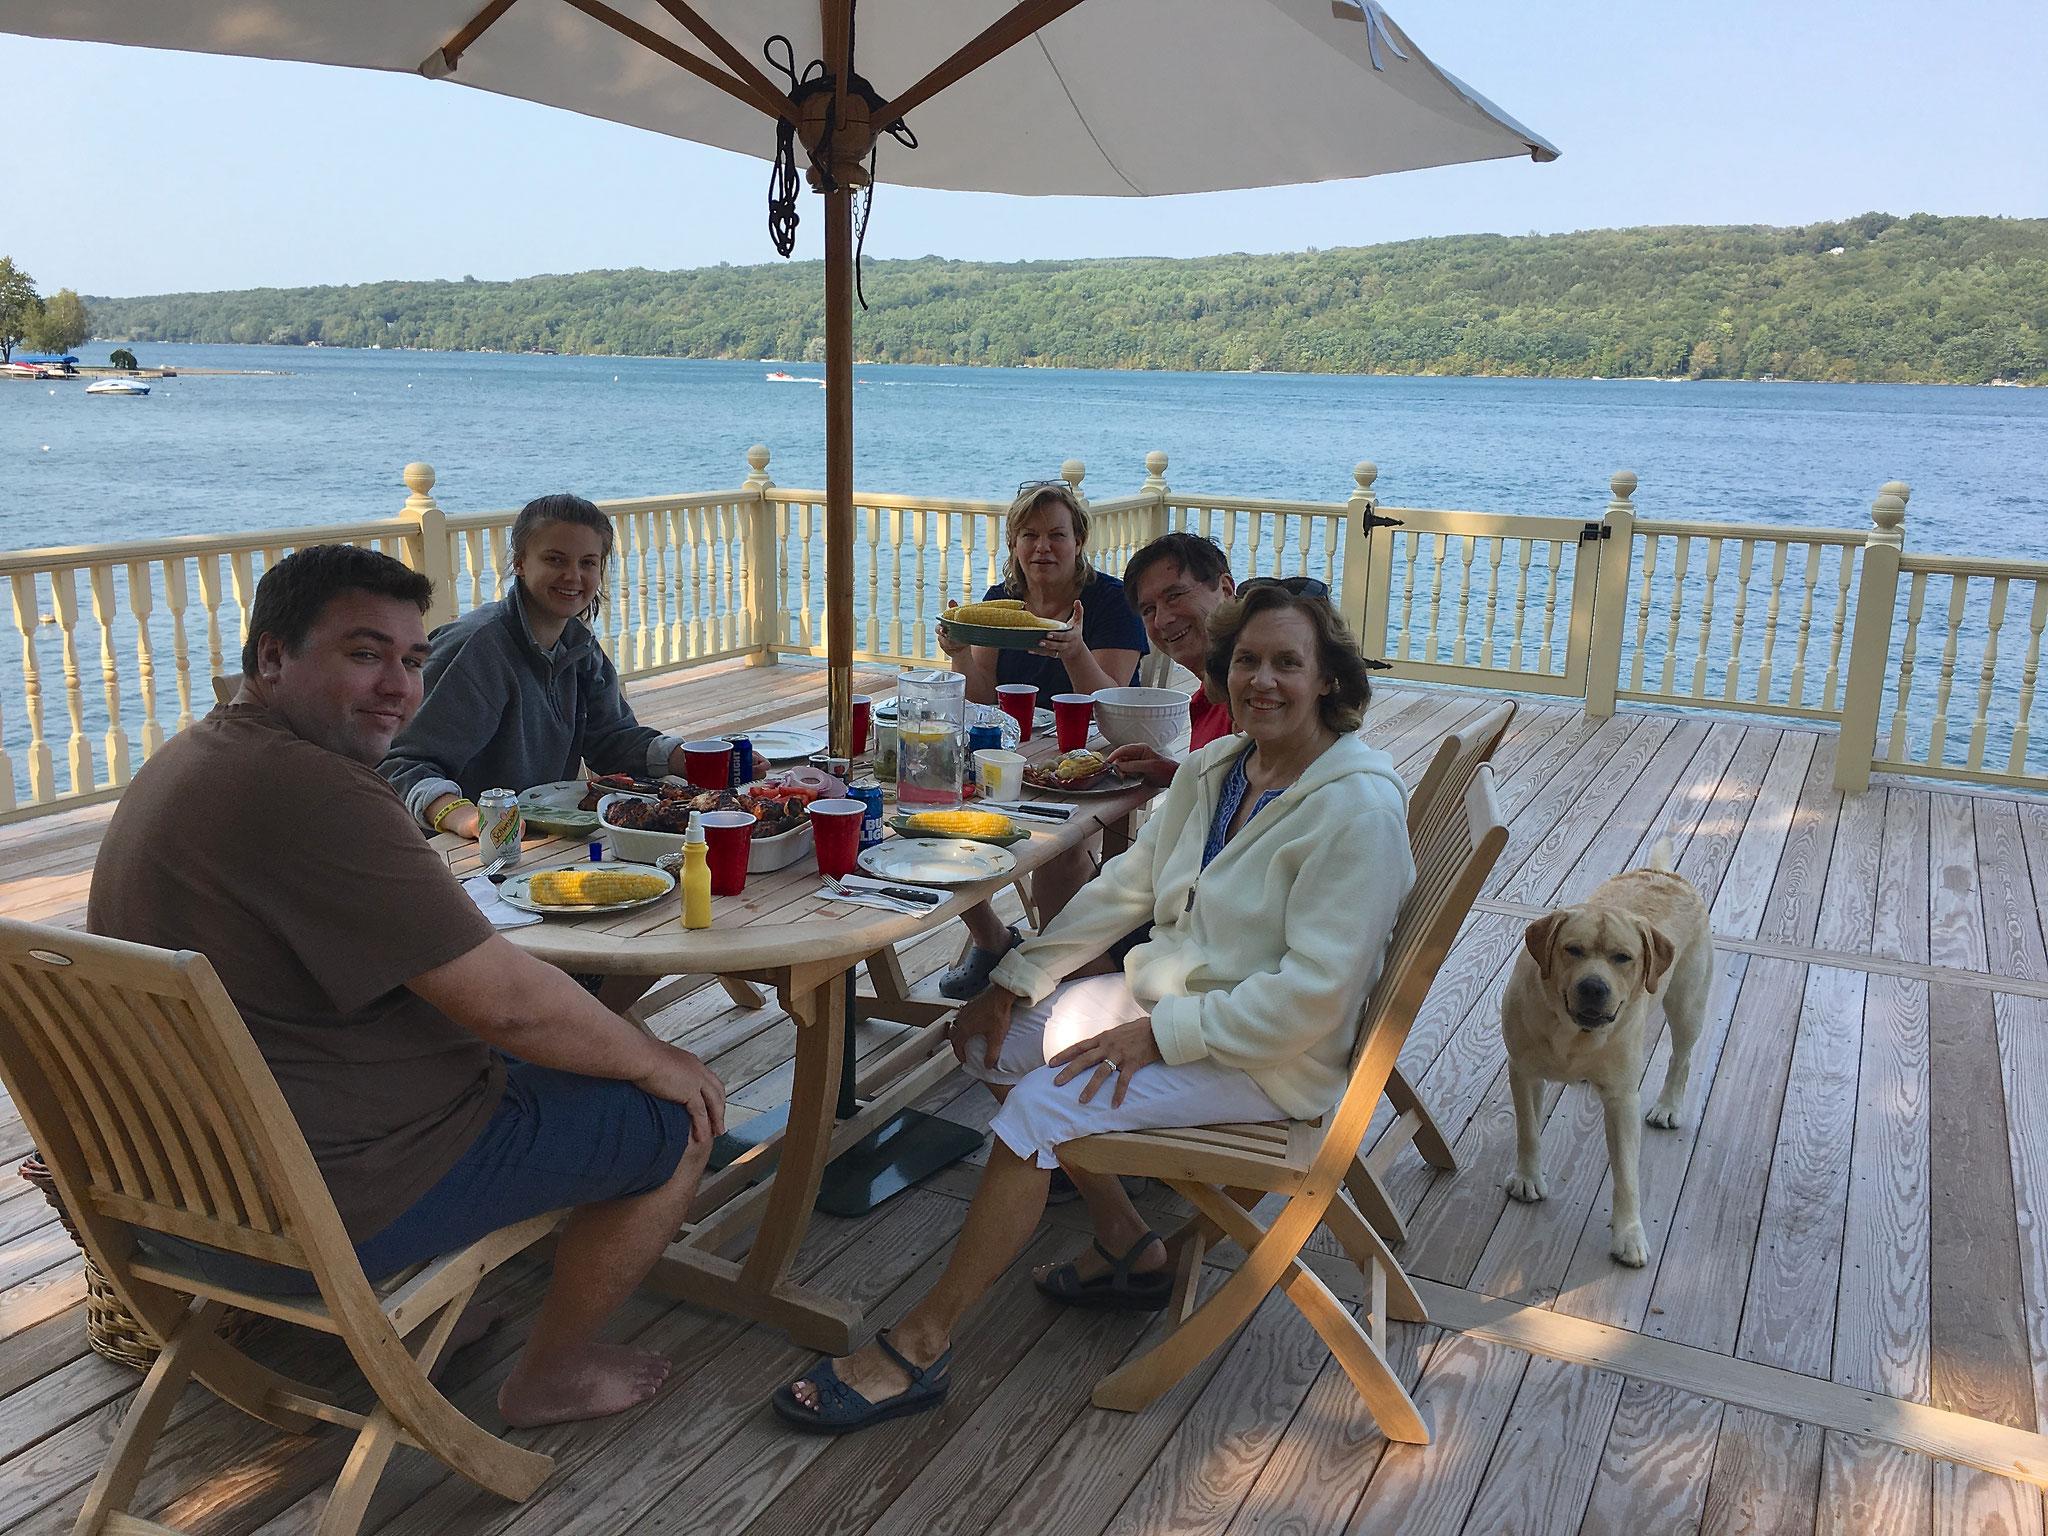 Greg, Kate, Celeste, John, & Lorraine